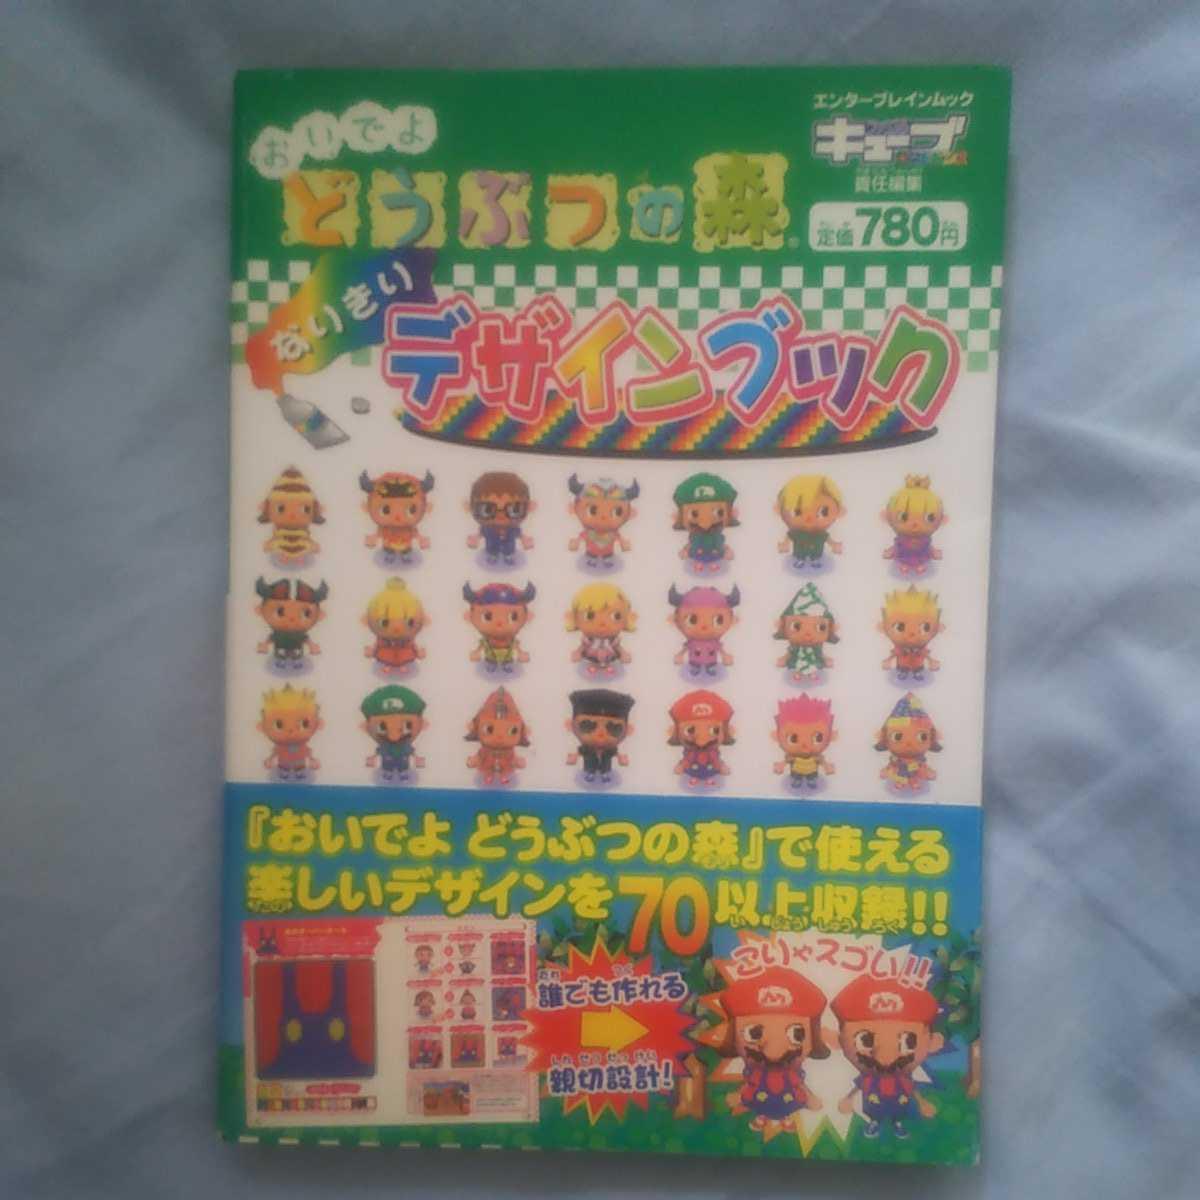 任天堂 3DS「おいでよどうぶつの森なりきりデザインブック」